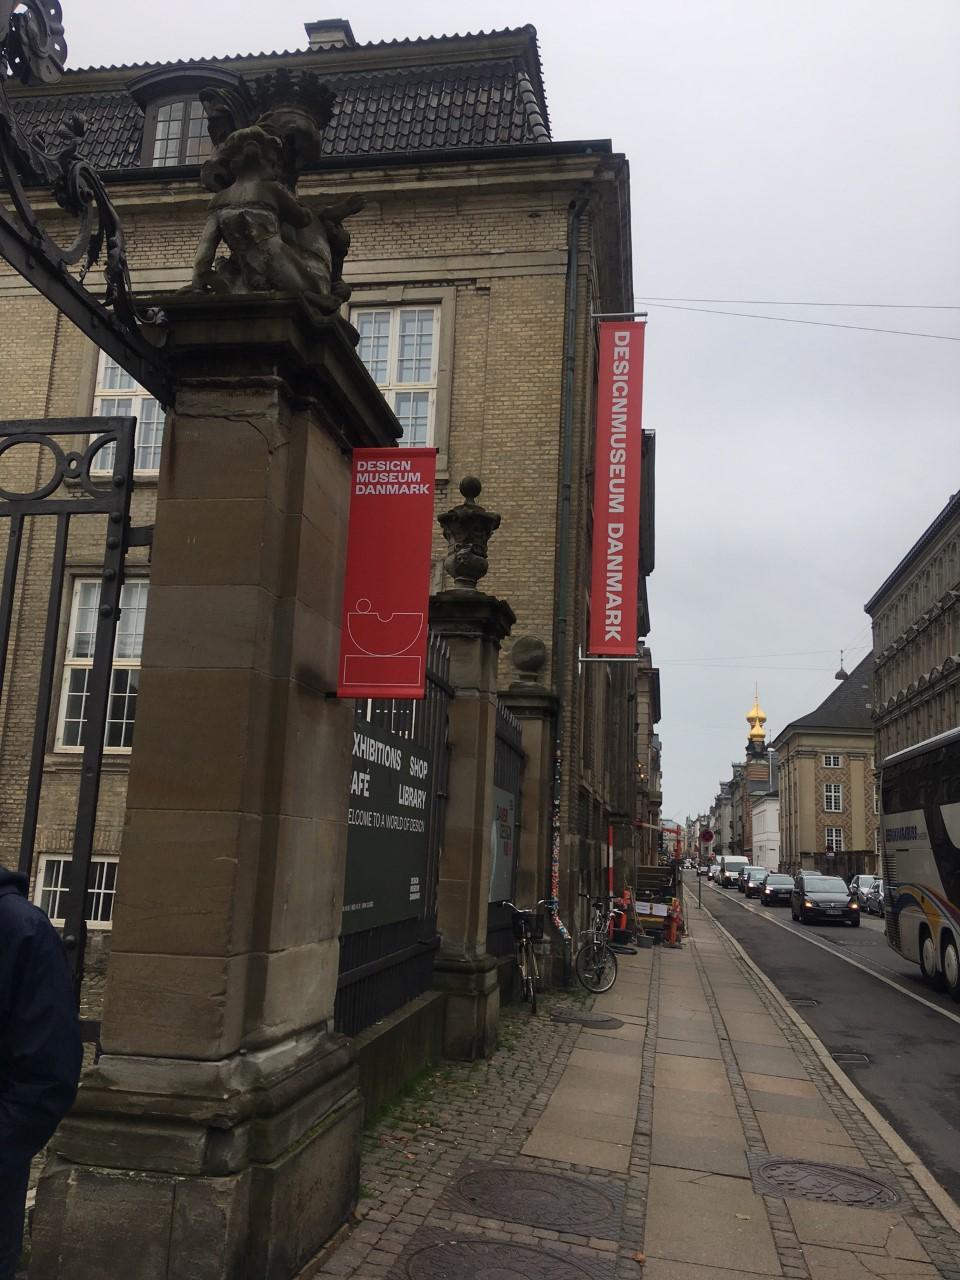 Passeando pela rua Bredgade você dá de cara com o museu do Design Dinamarquês.